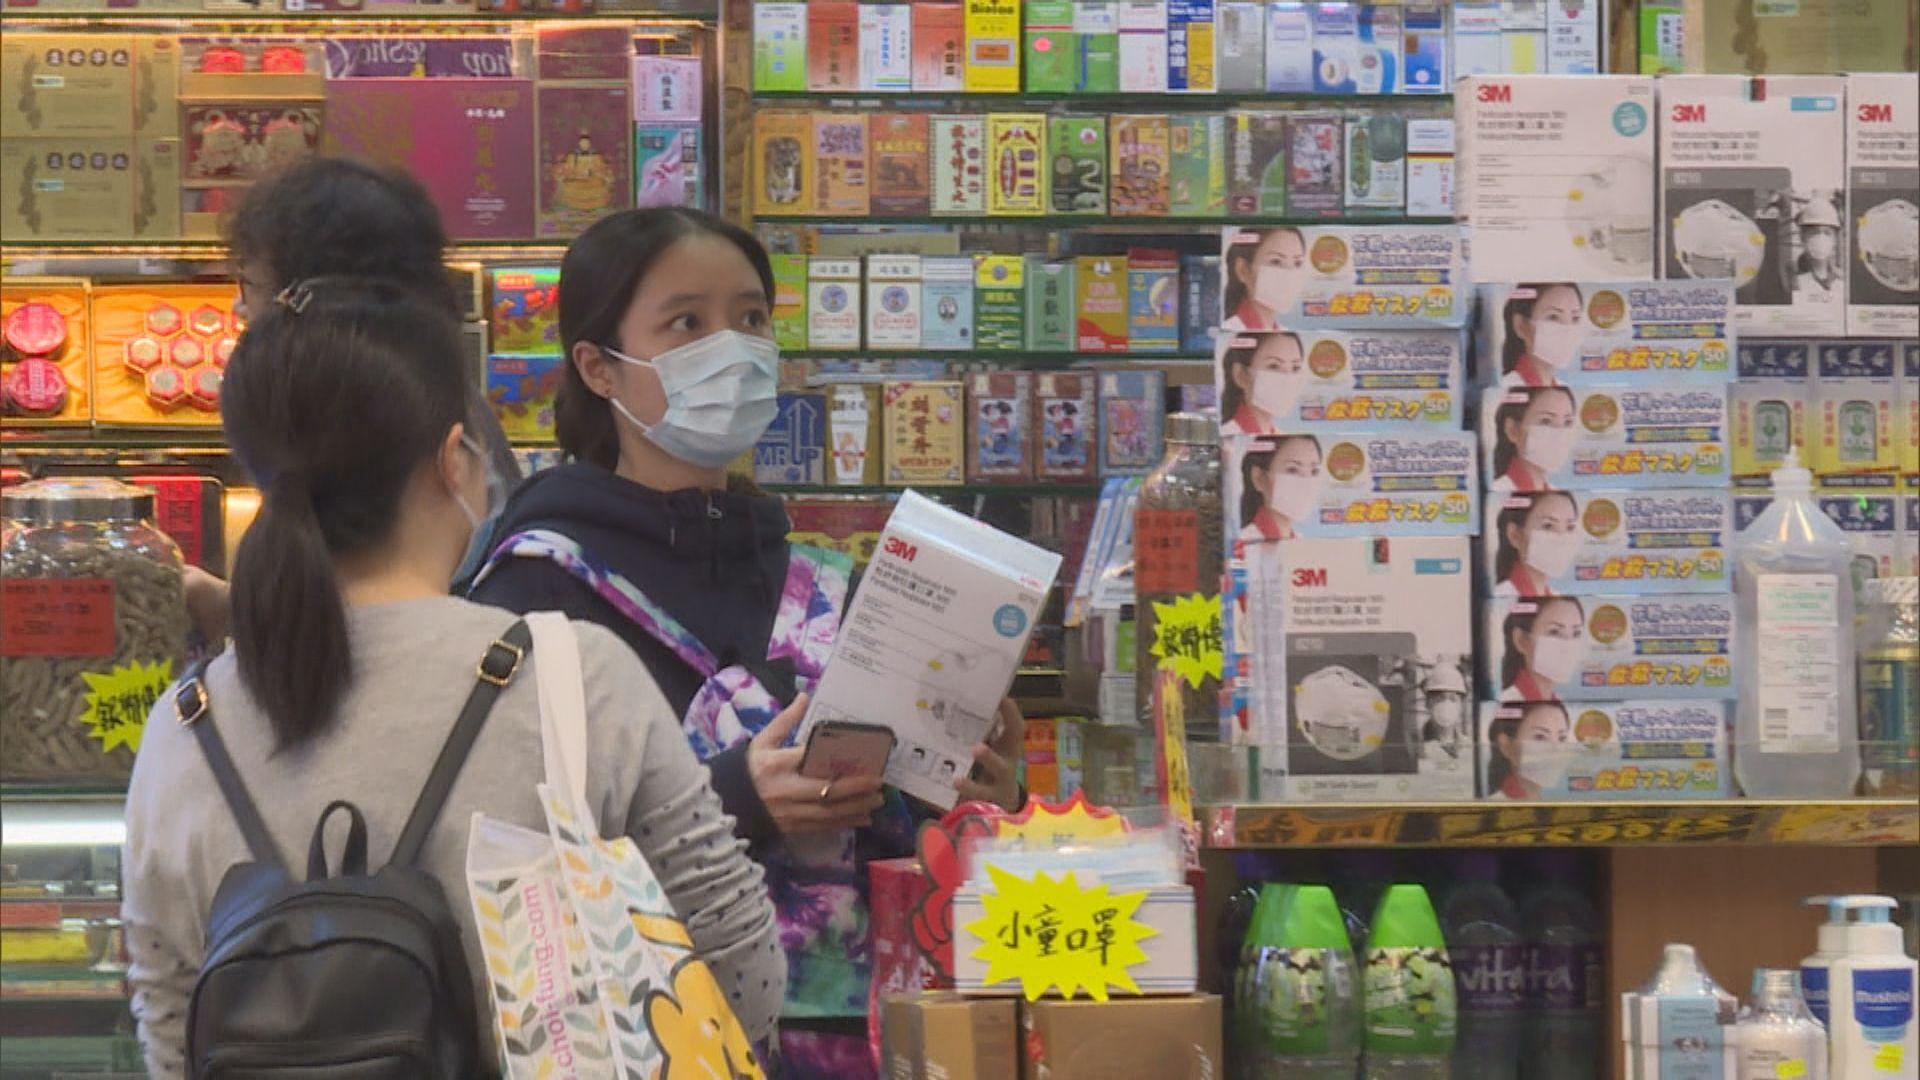 勞工處籲僱主為員工提供外科口罩等個人防護裝備